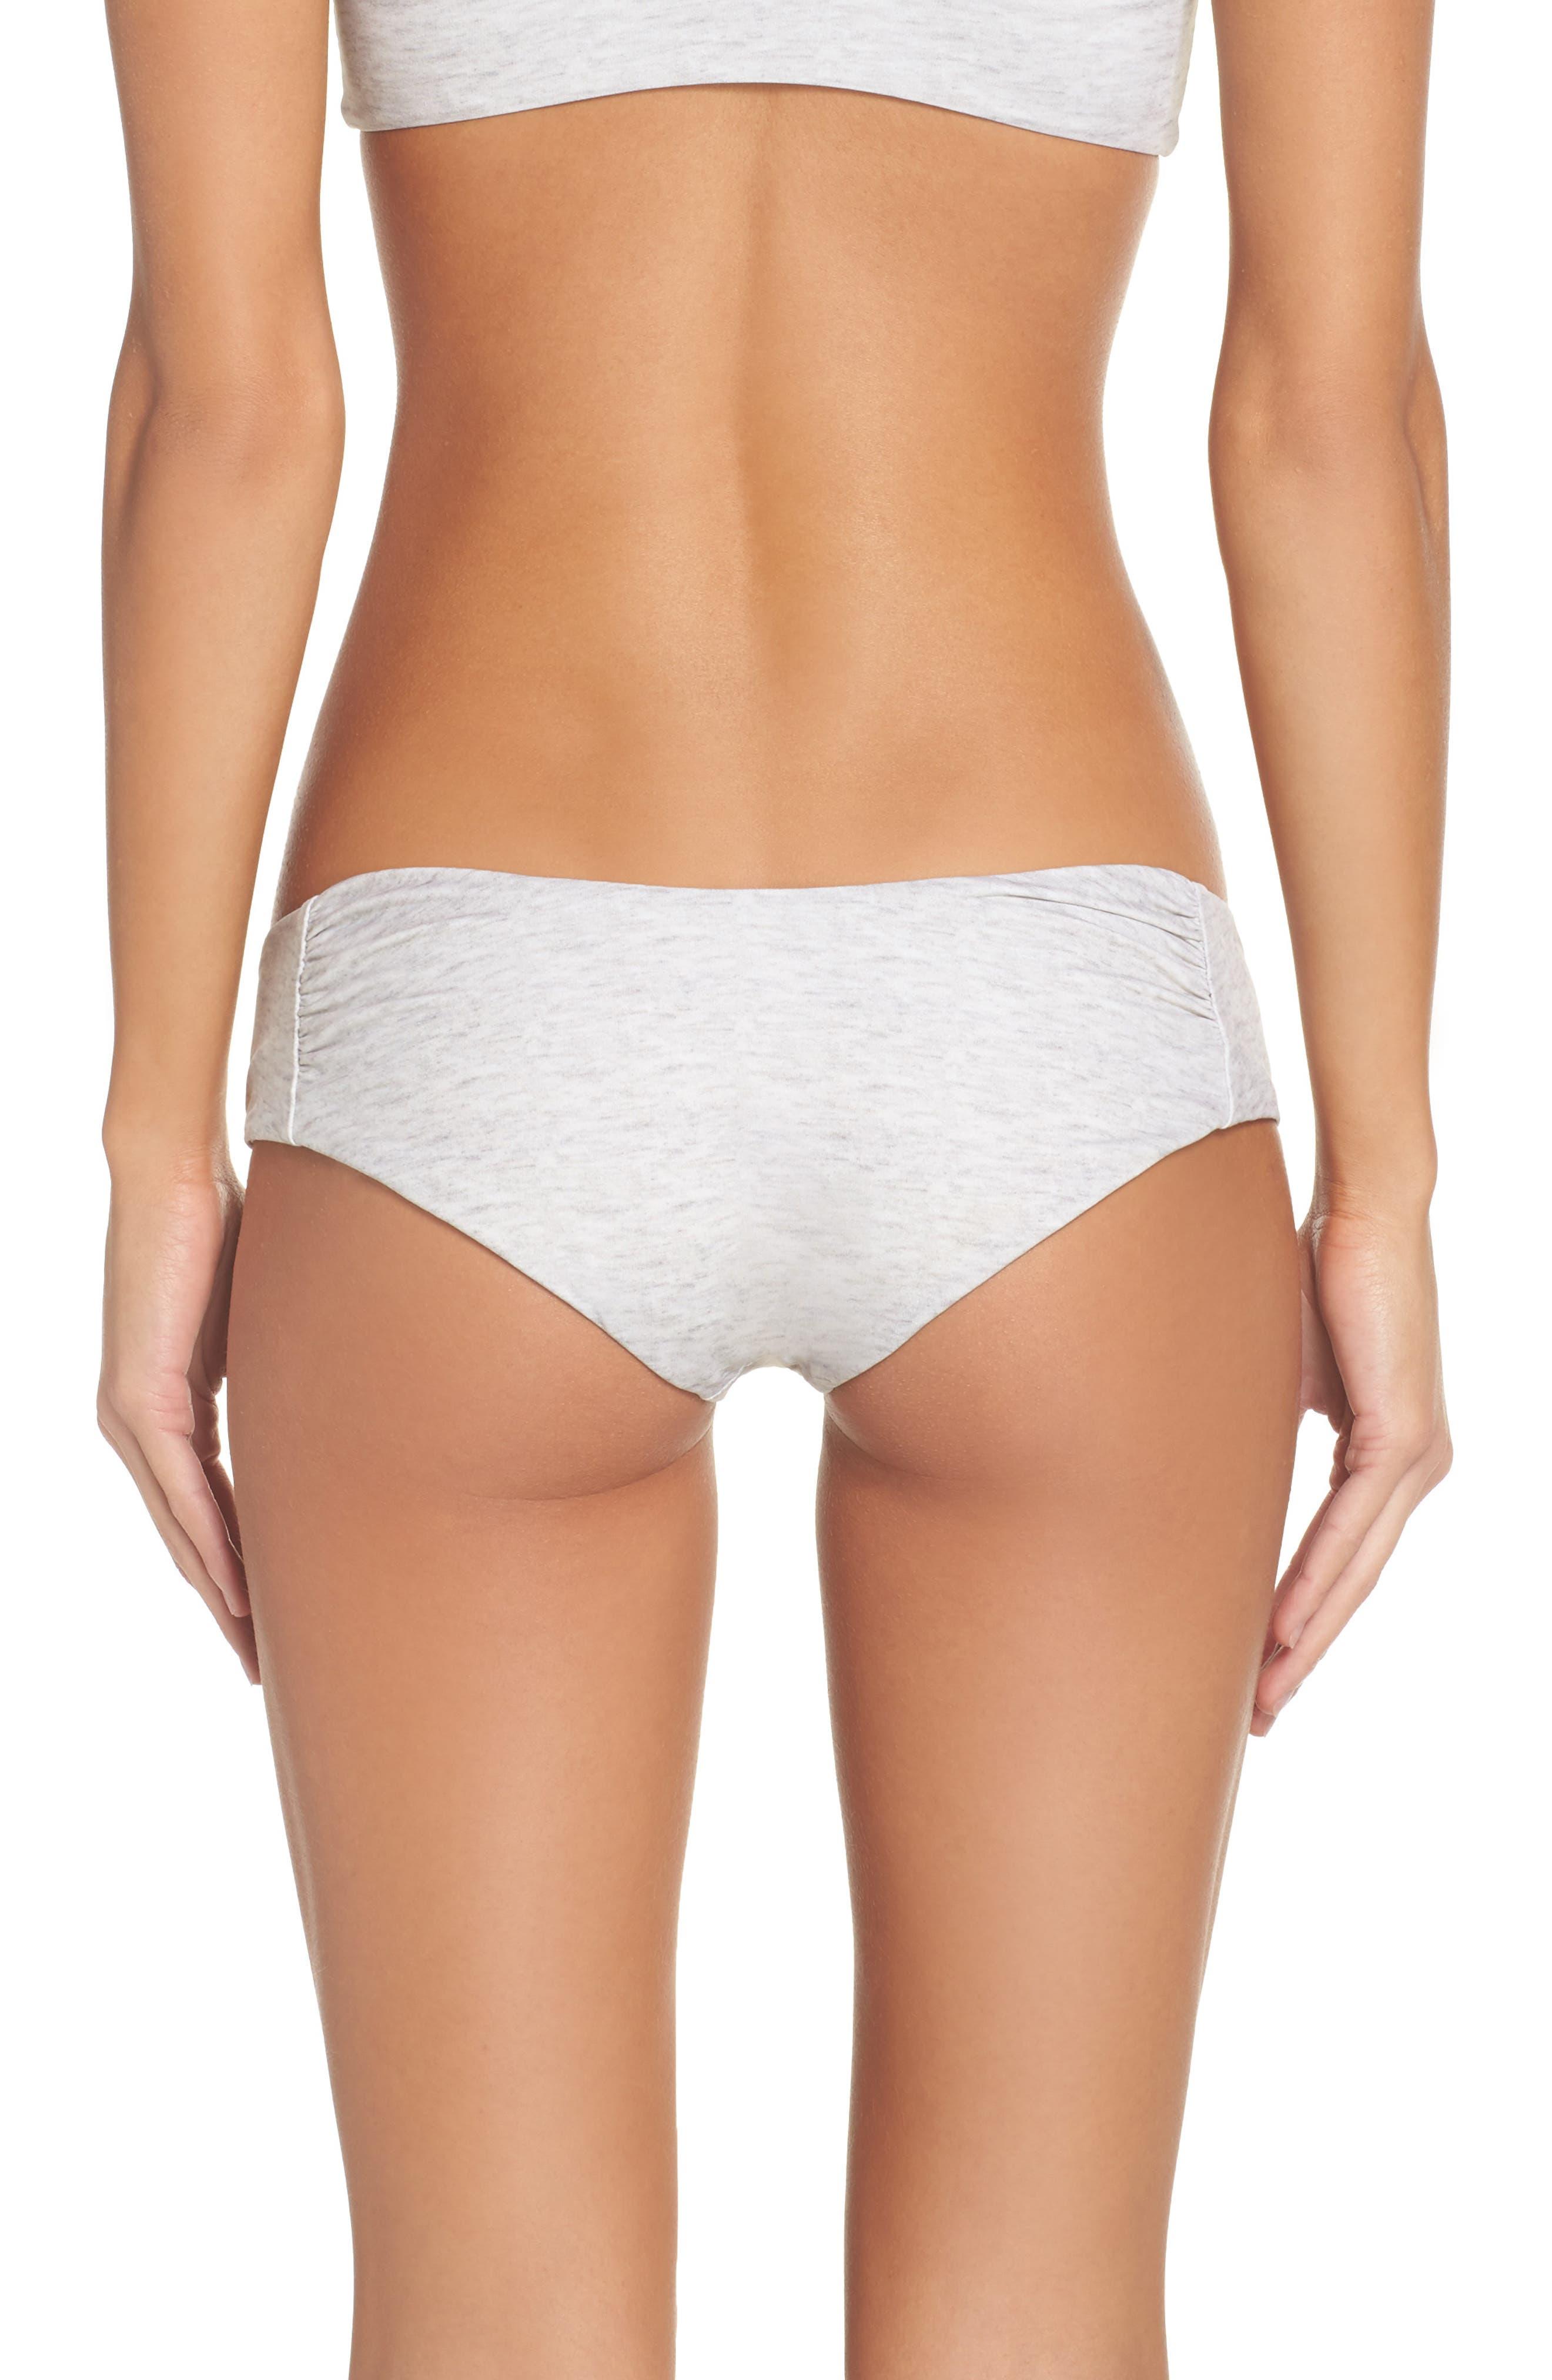 Main Image - Boys + Arrows Yaya the Yuppy Bikini Bottoms